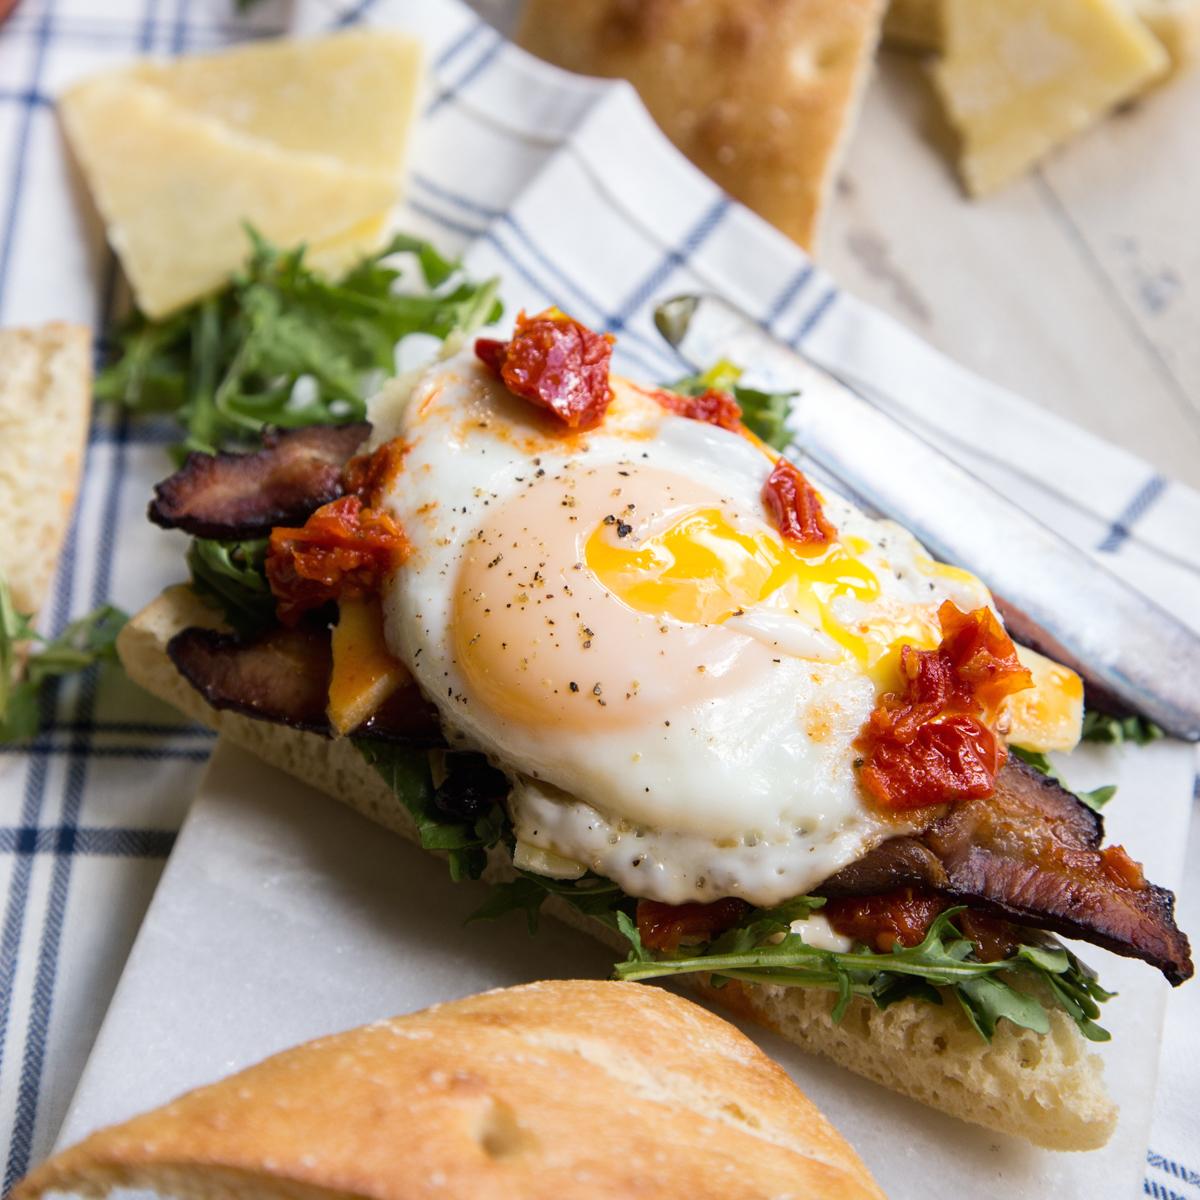 Photo Recette Sandwich Déjeuner Oeuf Bacon et Roquette sur Pain Ciabatta